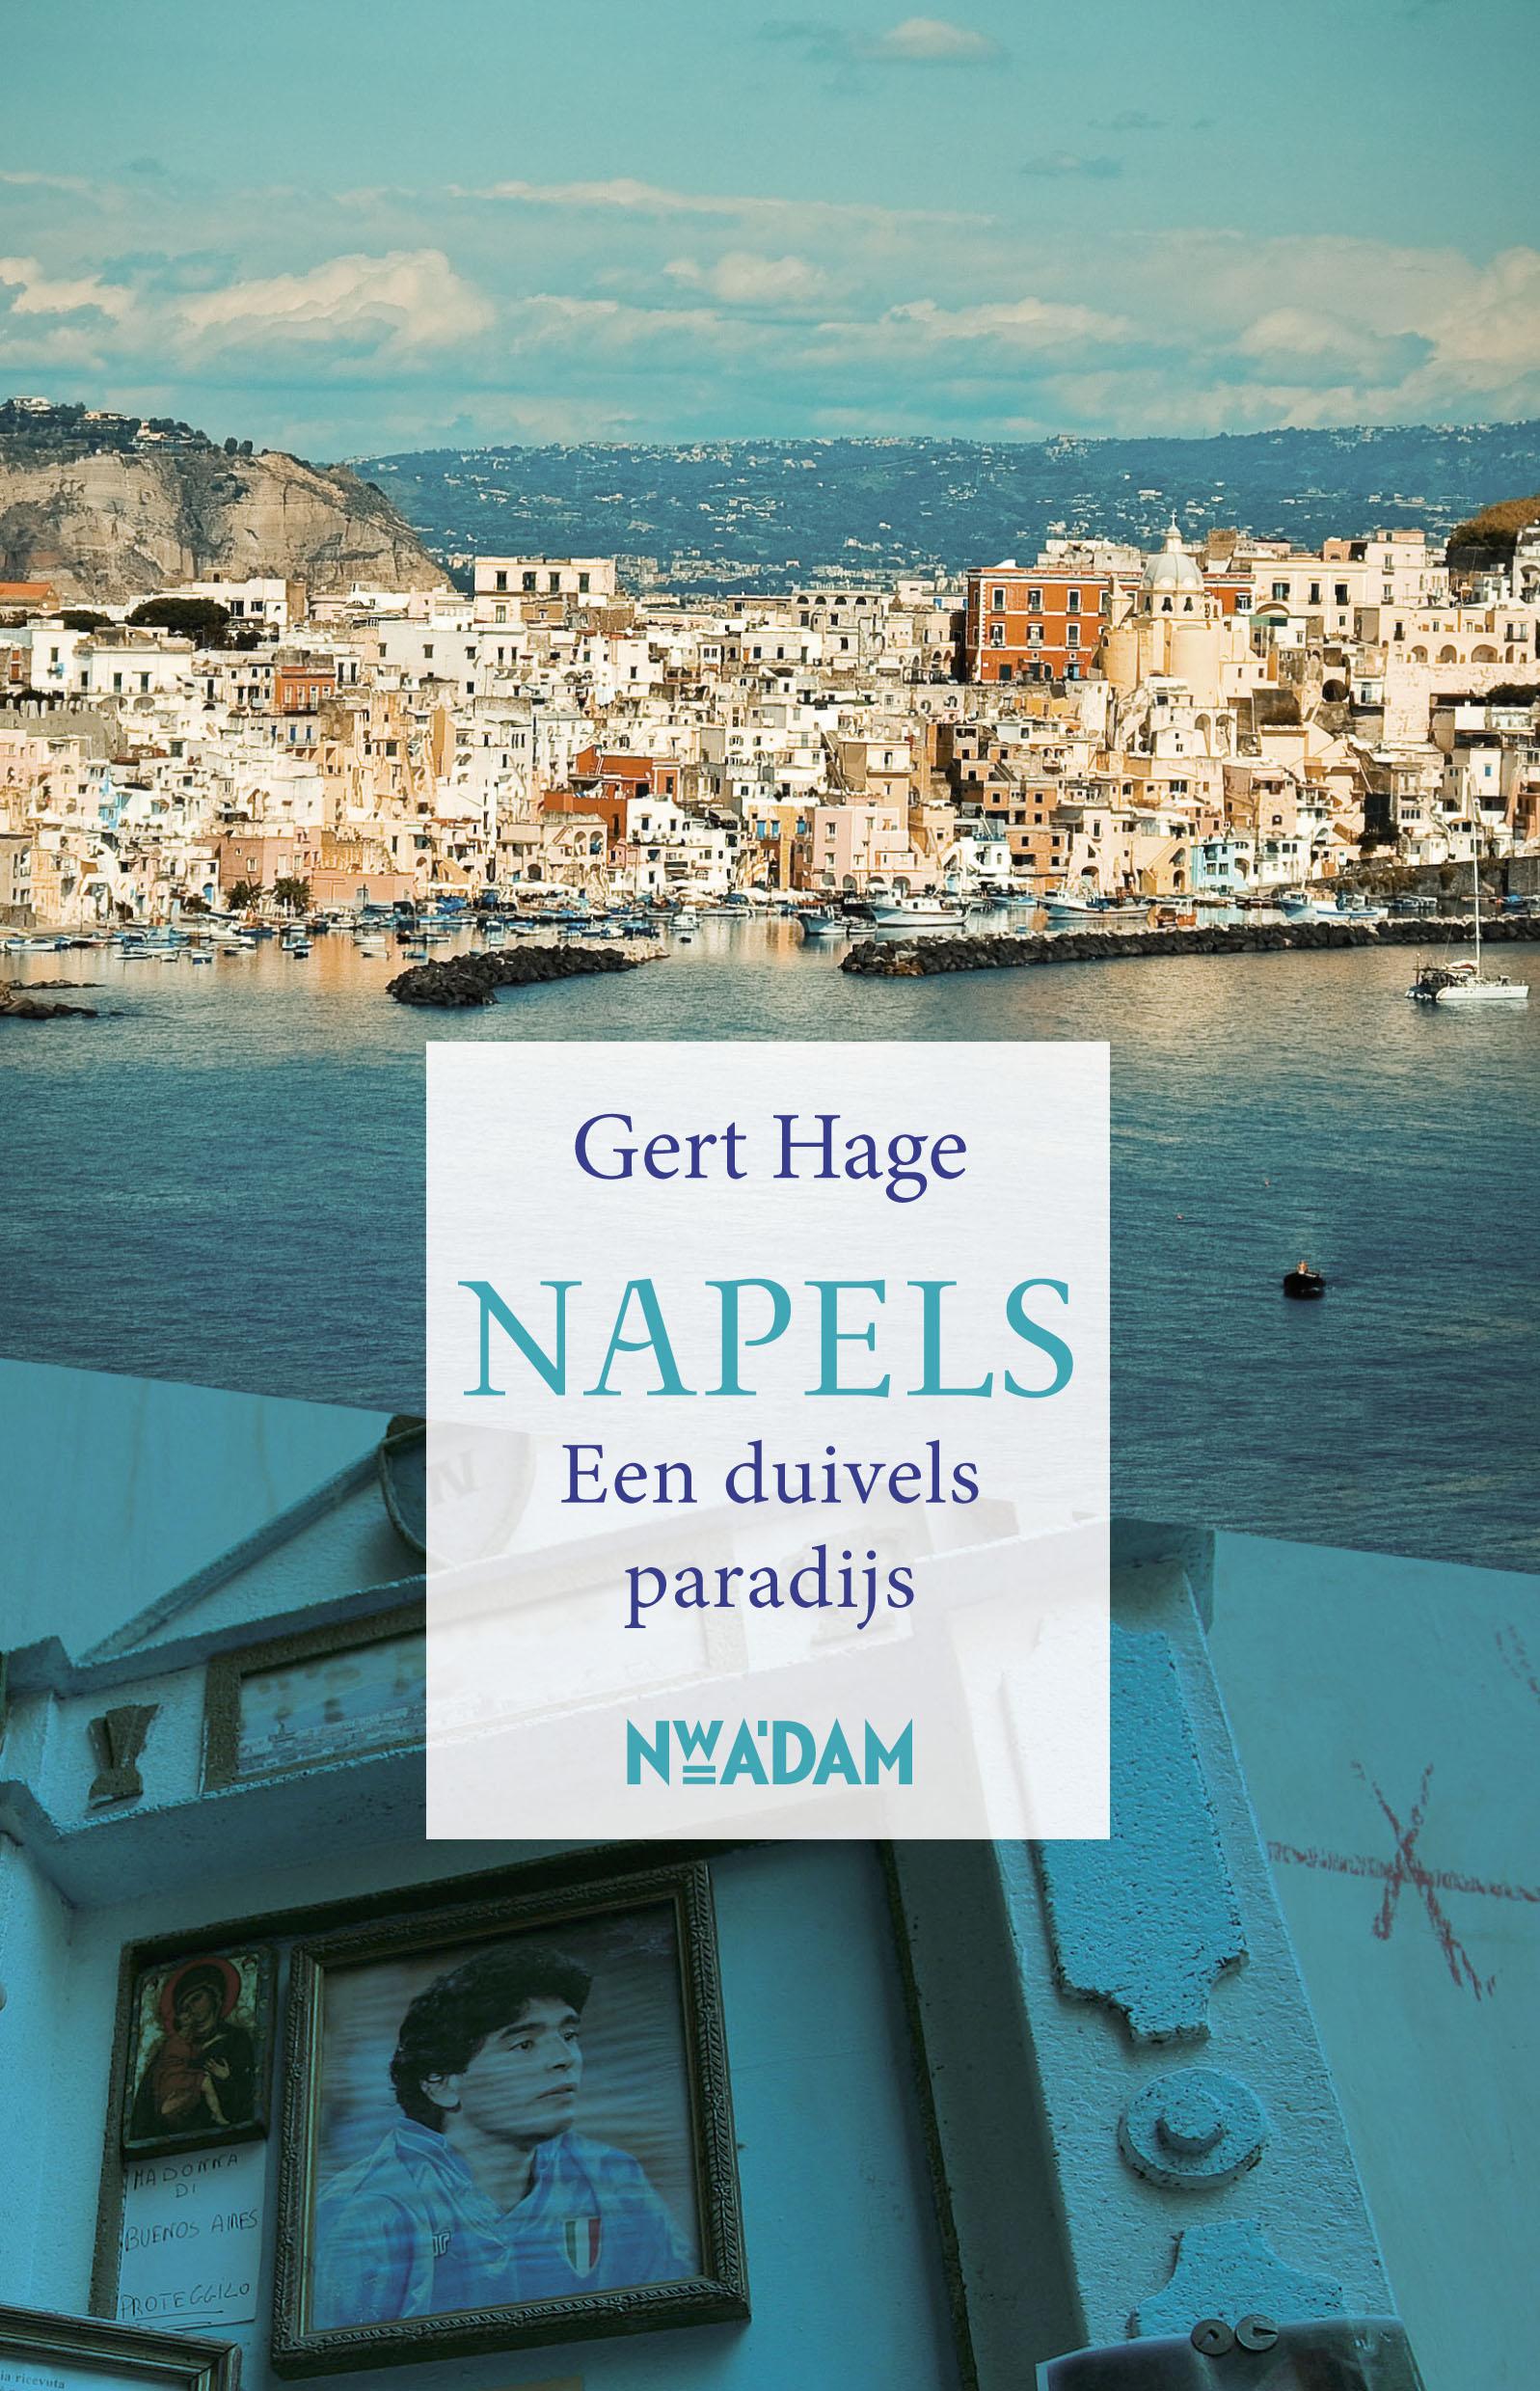 Napels – Gert Hage